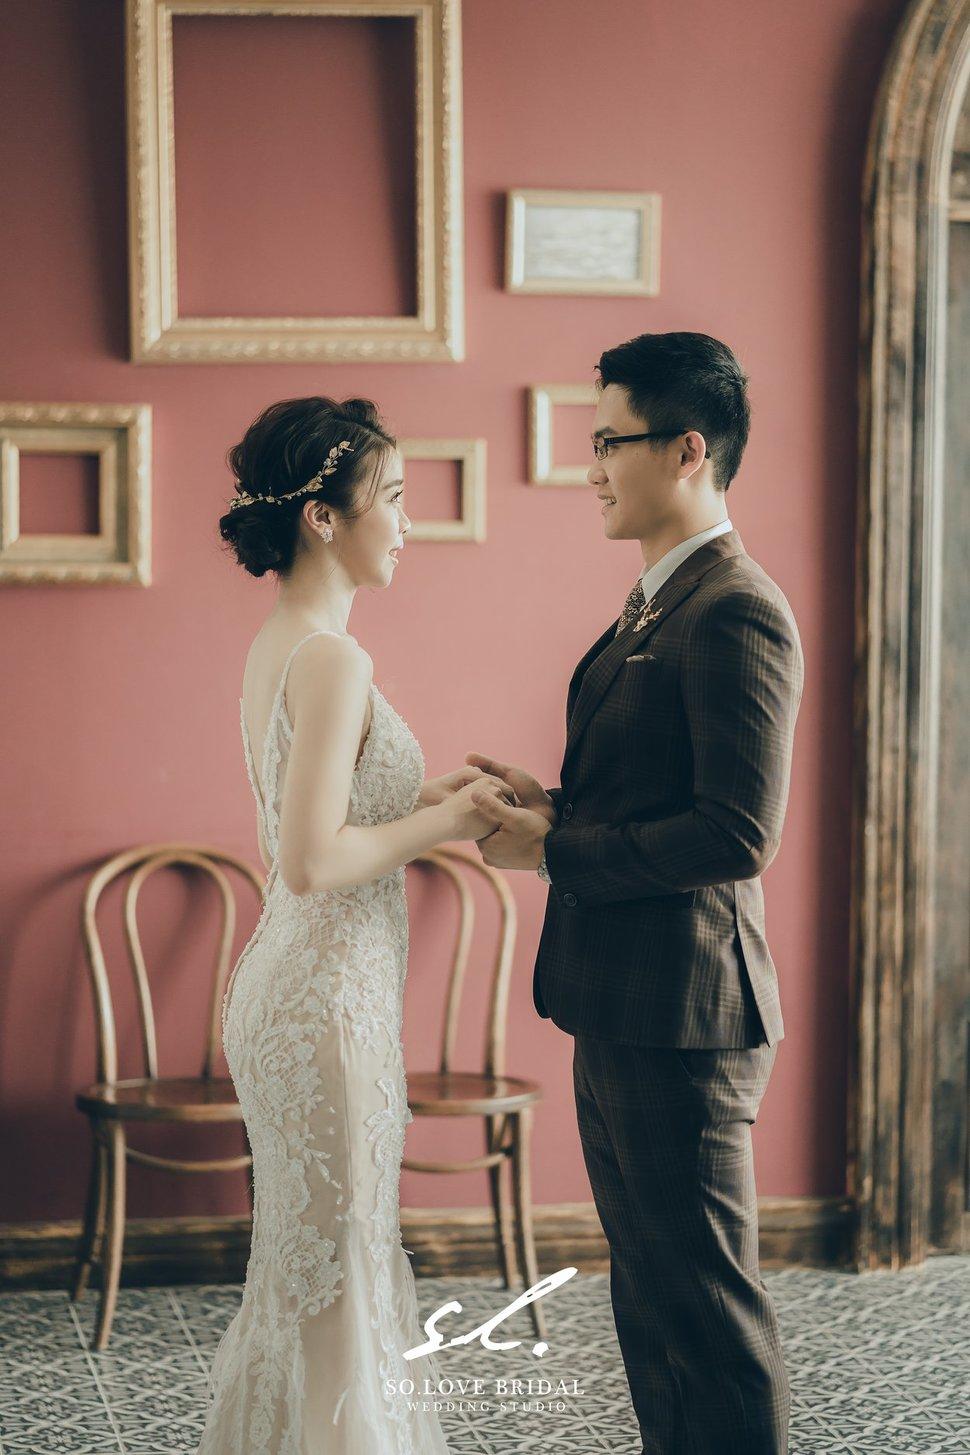 71852241_950024142043856_2374359711953715200_o - ilian藍專業彩妝造型《結婚吧》